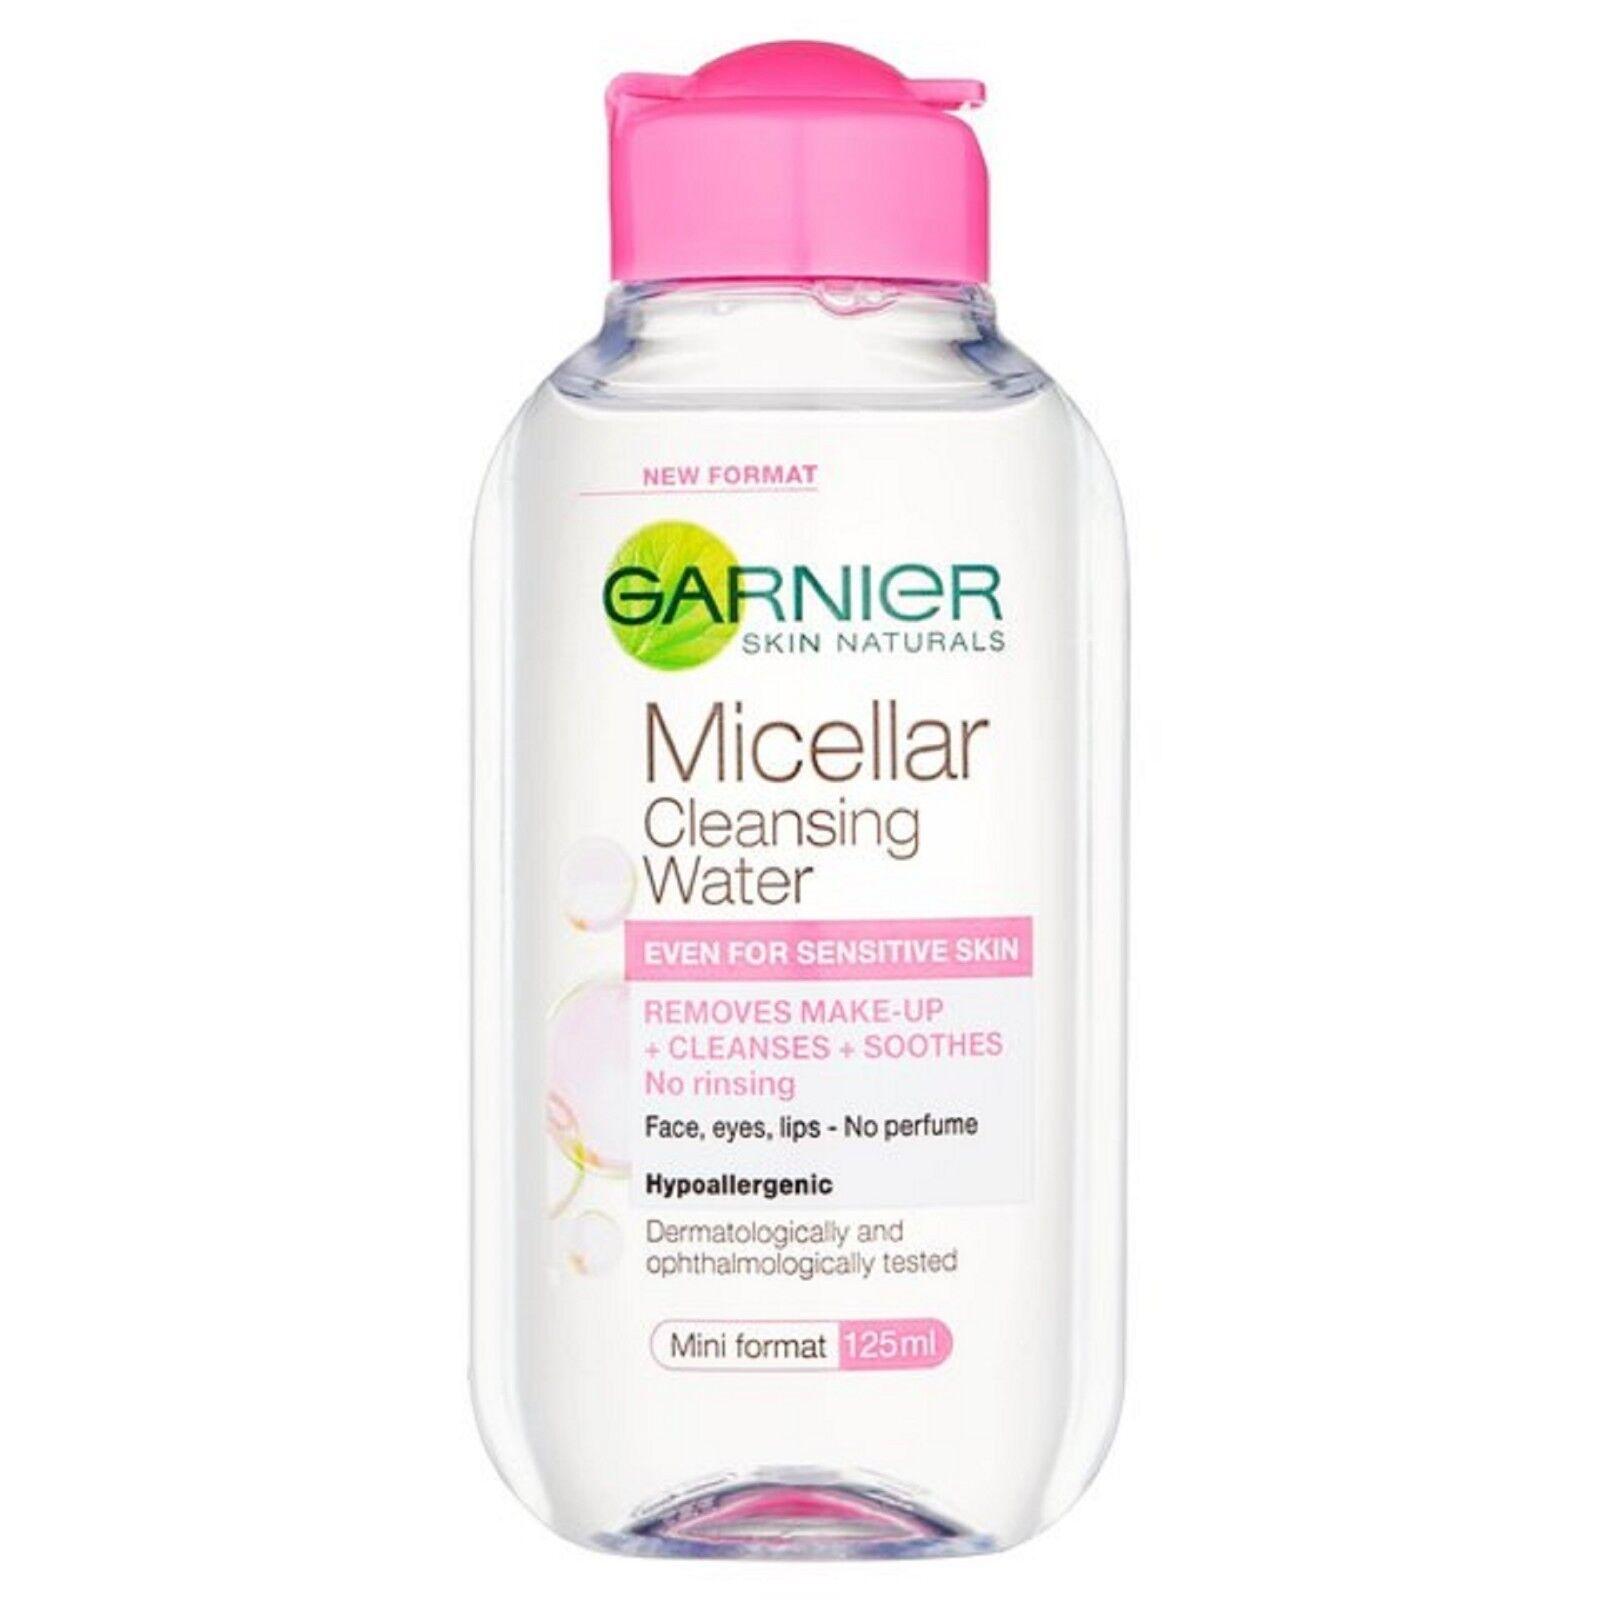 Garnier Skin Active Micellar Cleansing Water 125ml Makeup Re